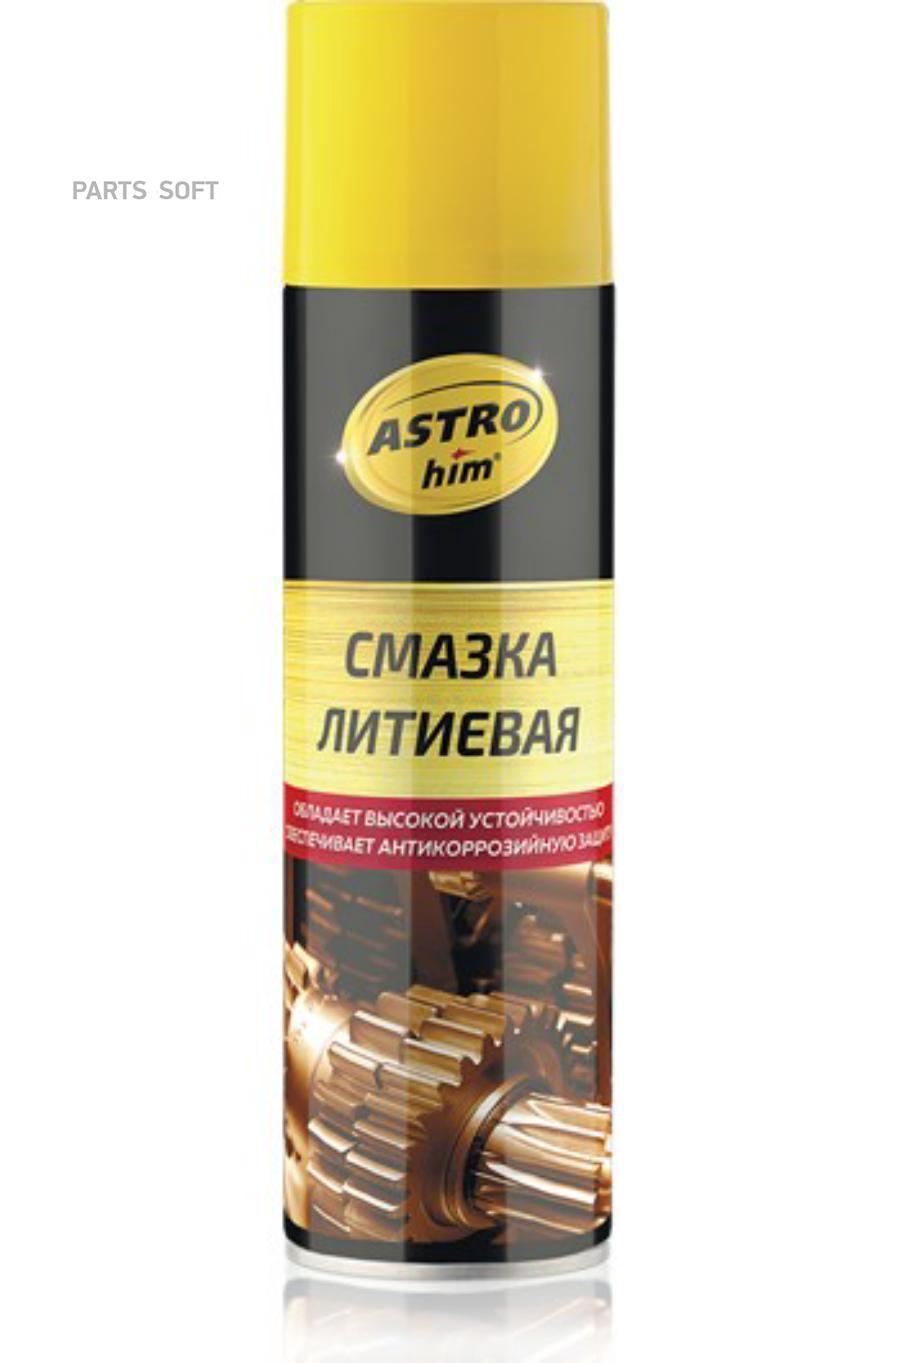 Смазка литиевая, аэрозоль, 335 мл,